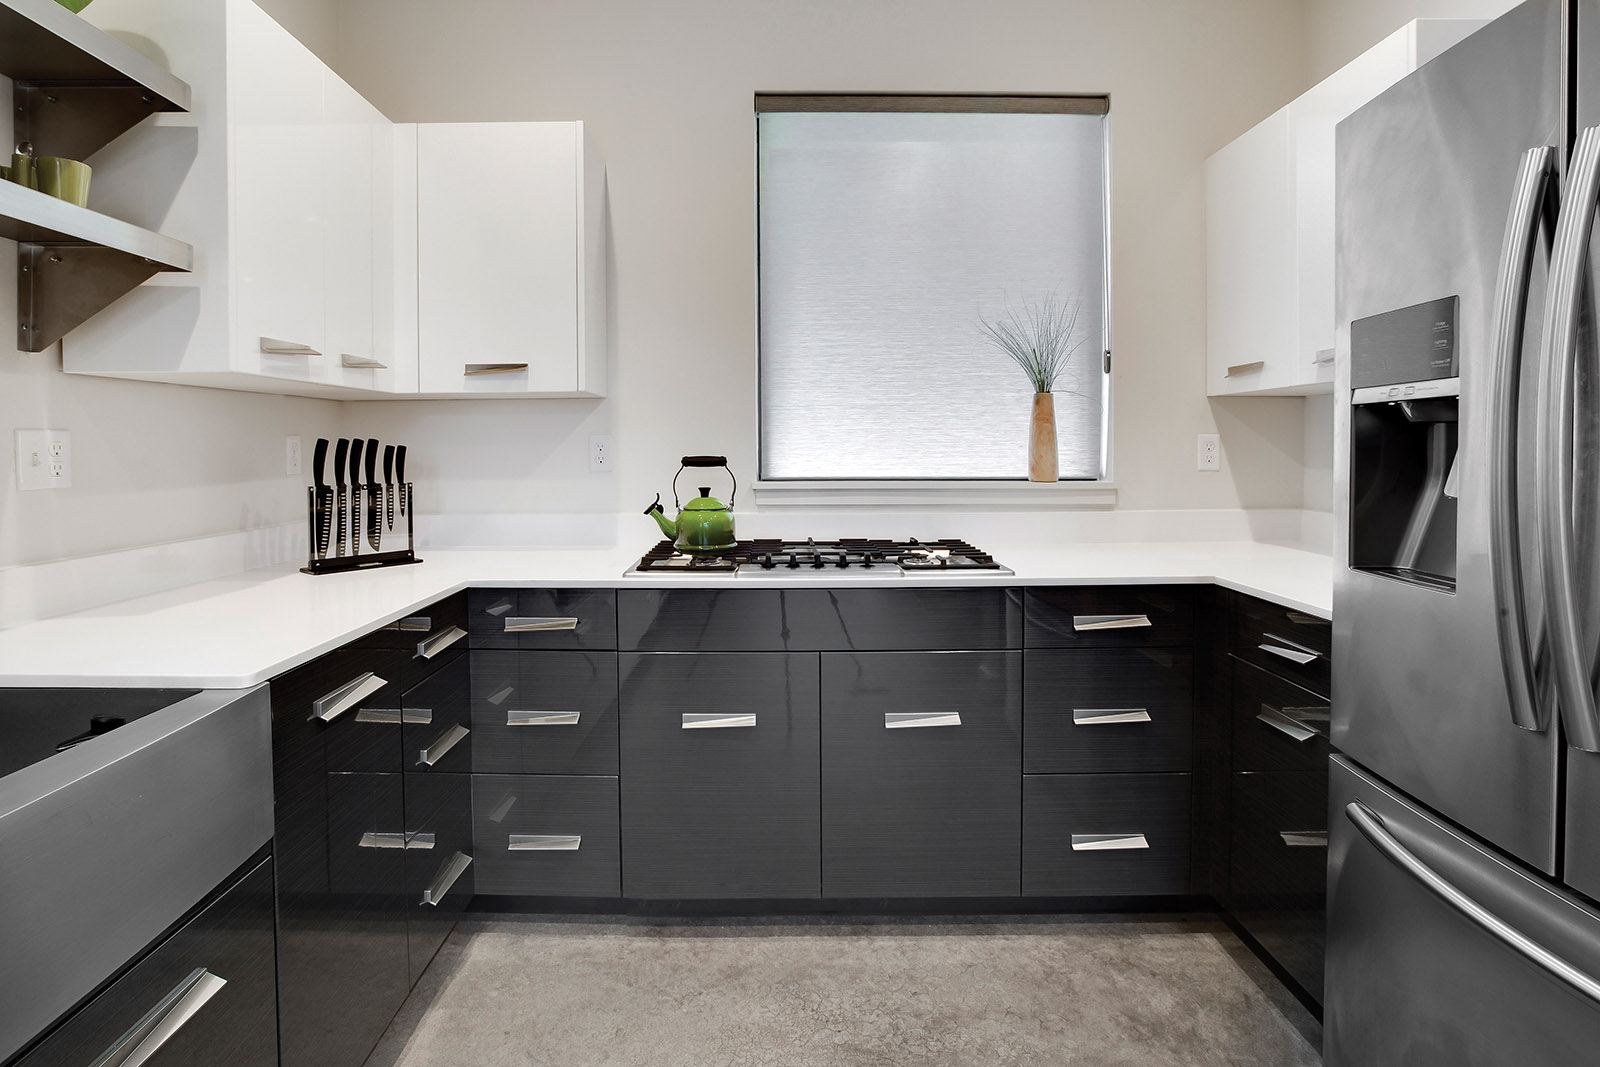 Loft Contemporary Kitchen Cabinets: White & Gray